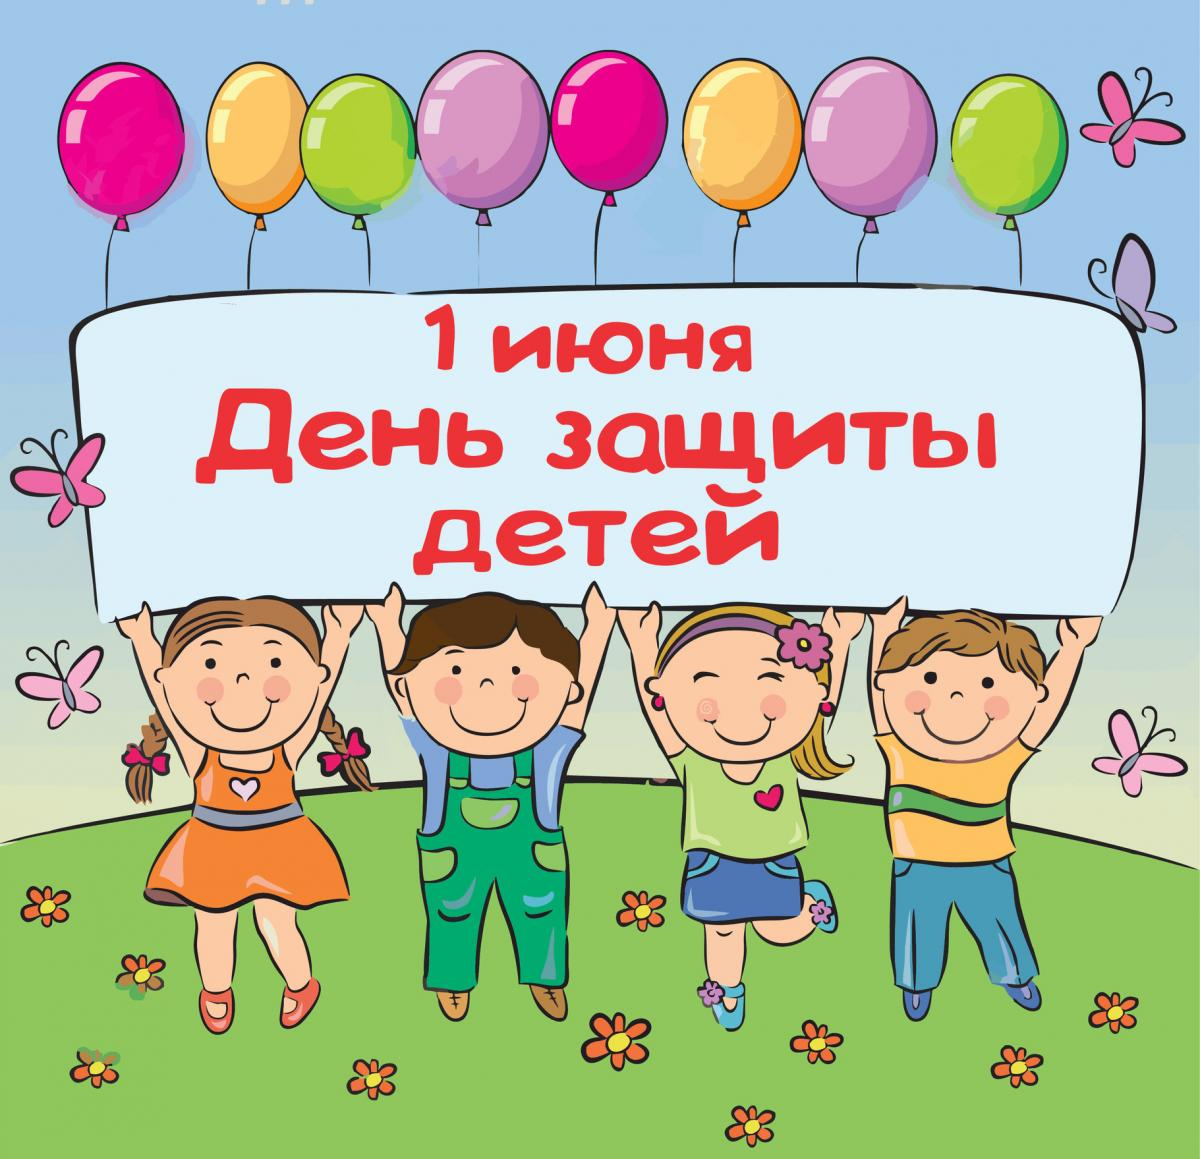 Свадебную, открытки к 1 июня день защиты детей